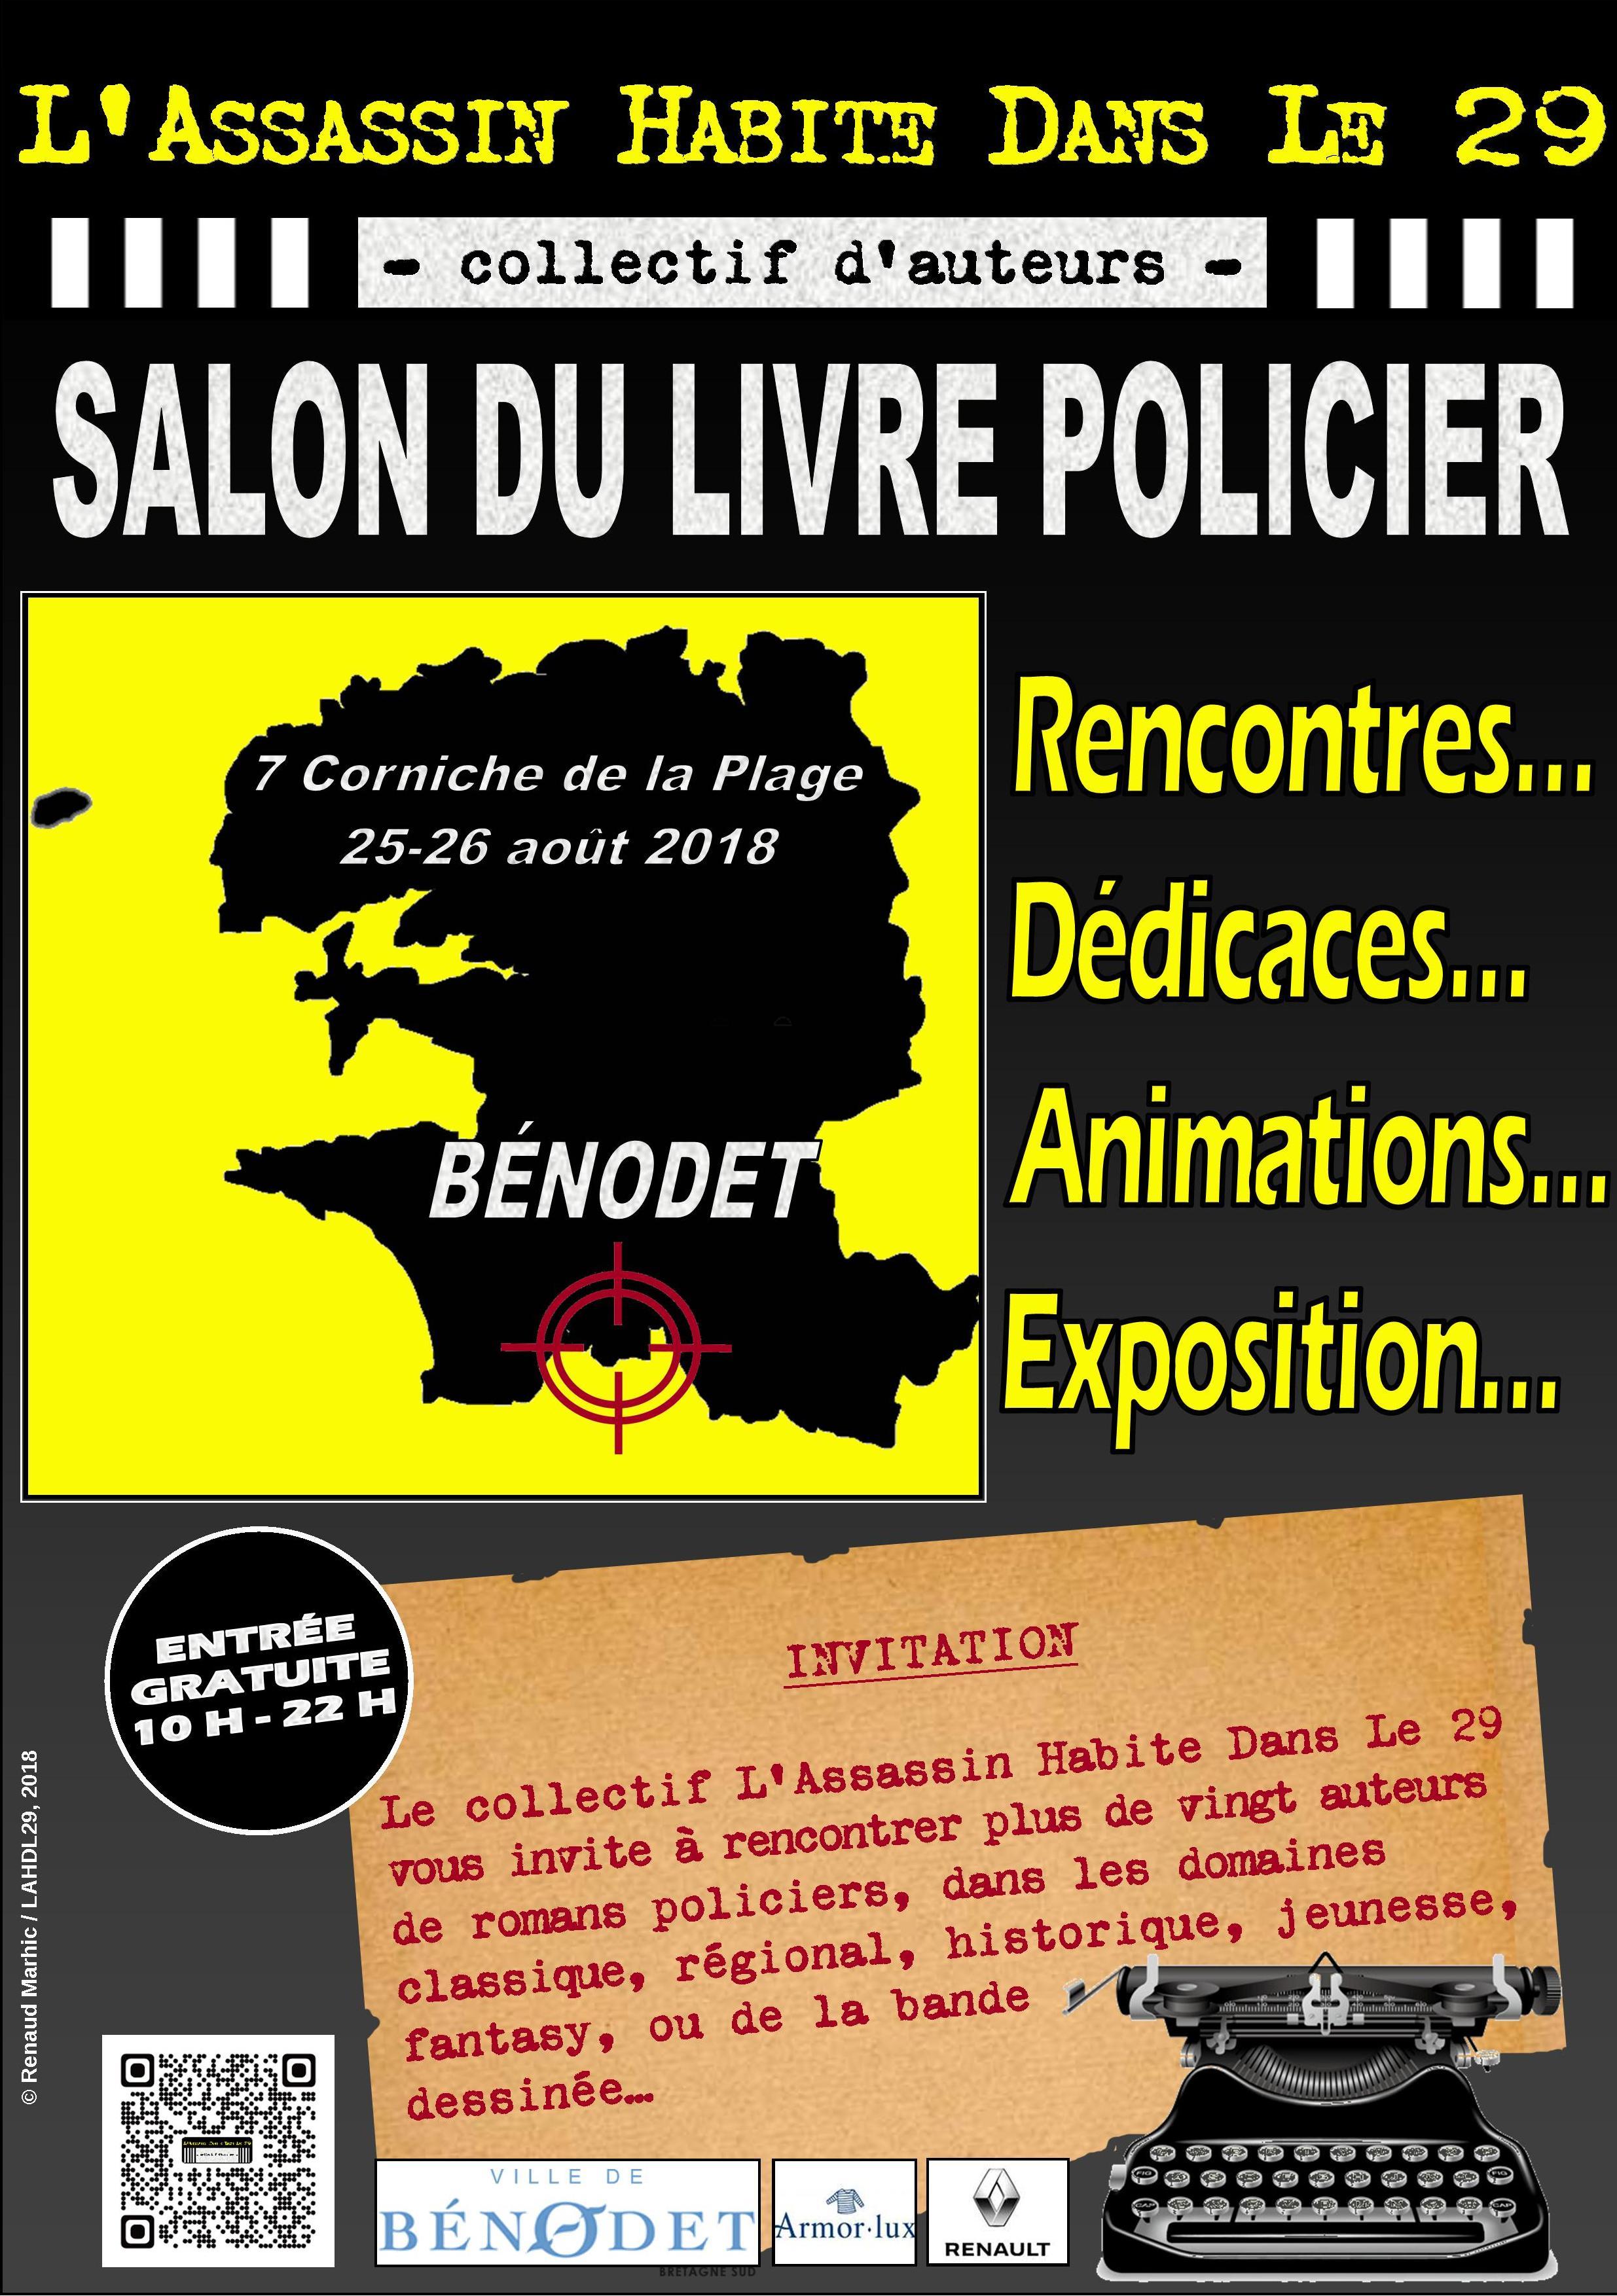 Les Lutins Urbains au salon du Livre Policier de L'Assassin Habite Dans Le 29 à Bénodet 2018